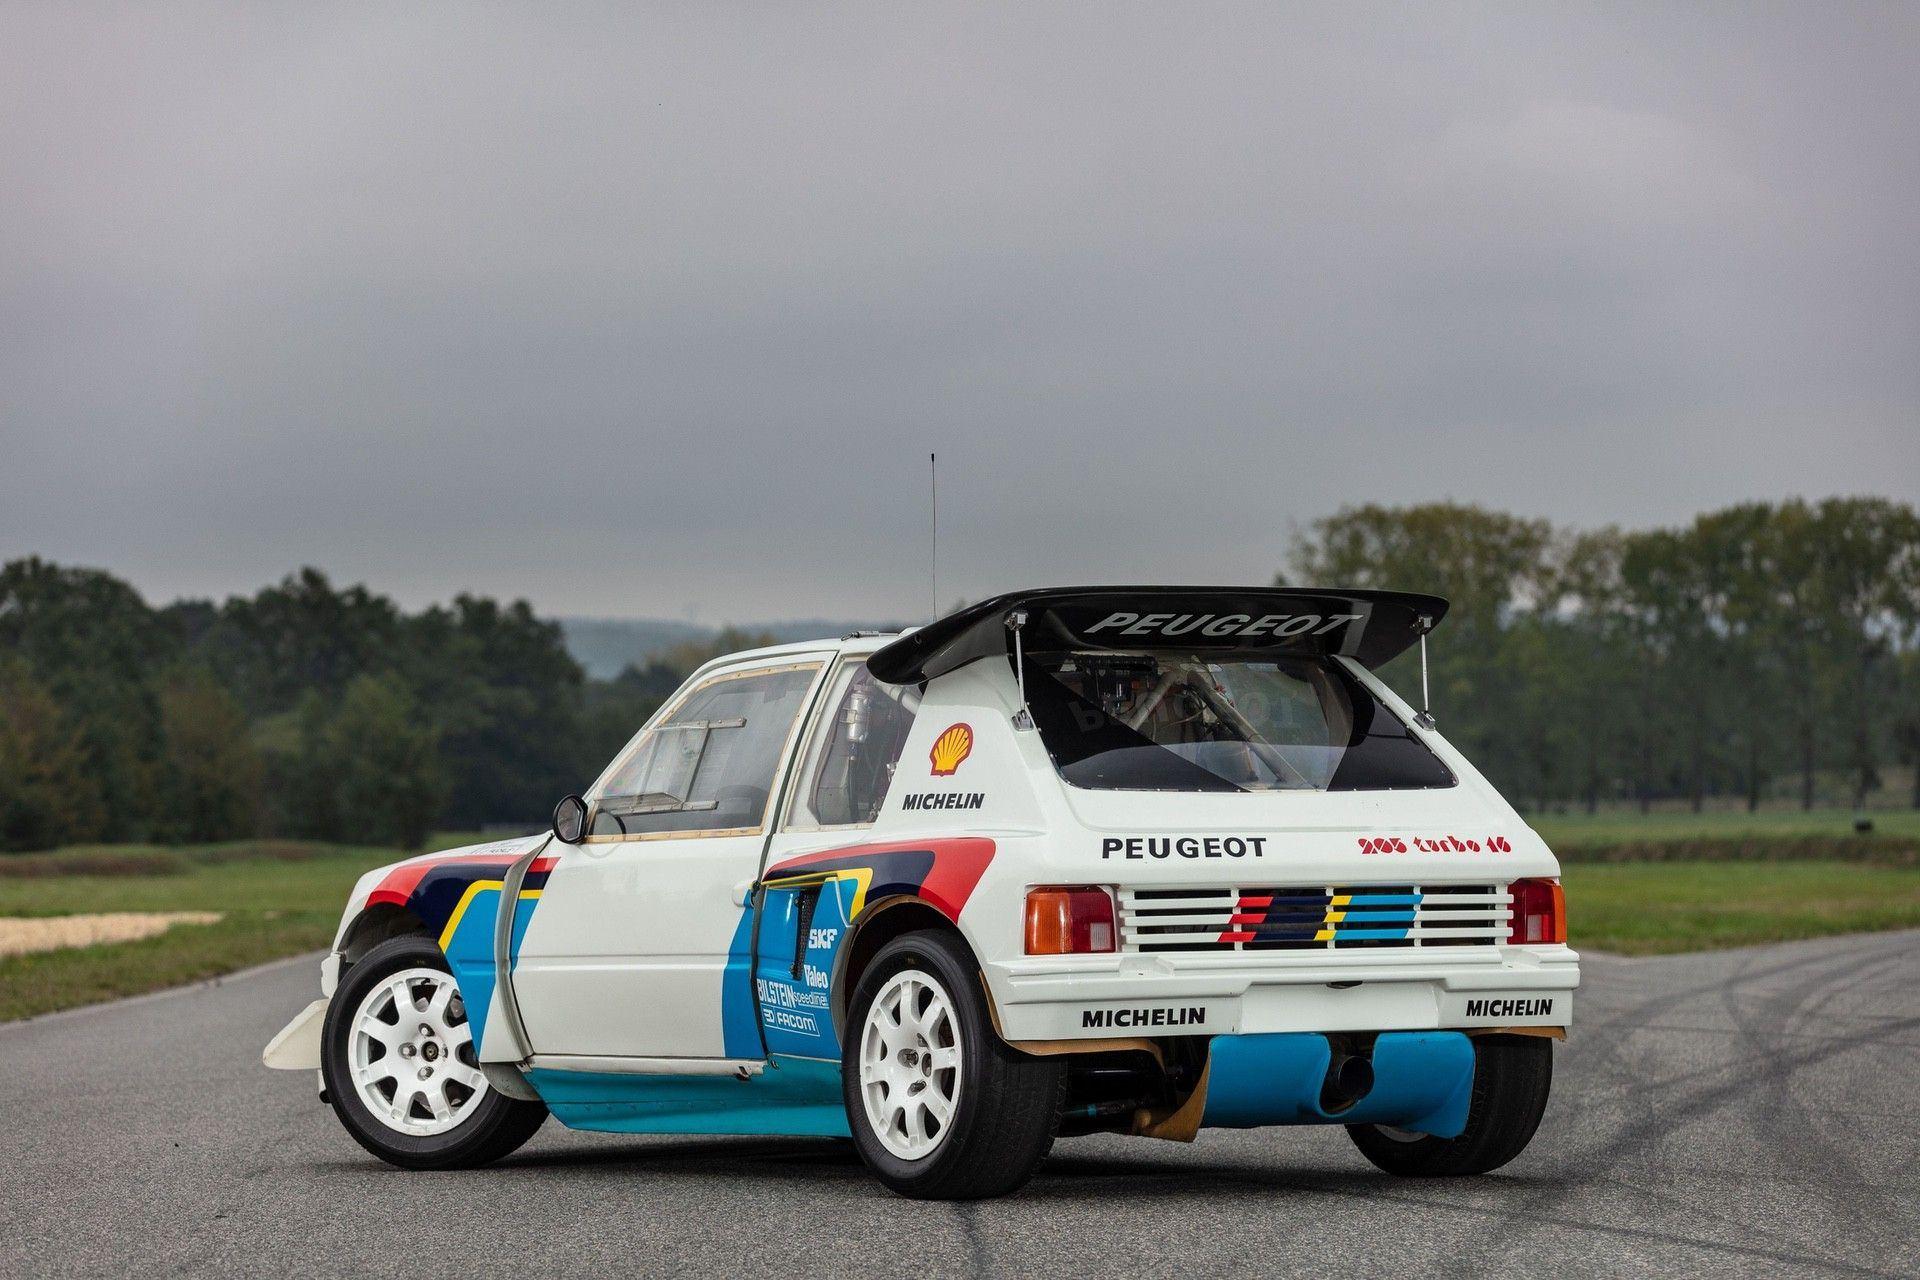 1985_Peugeot_205_Turbo_16_Evolution_2_sale-0002